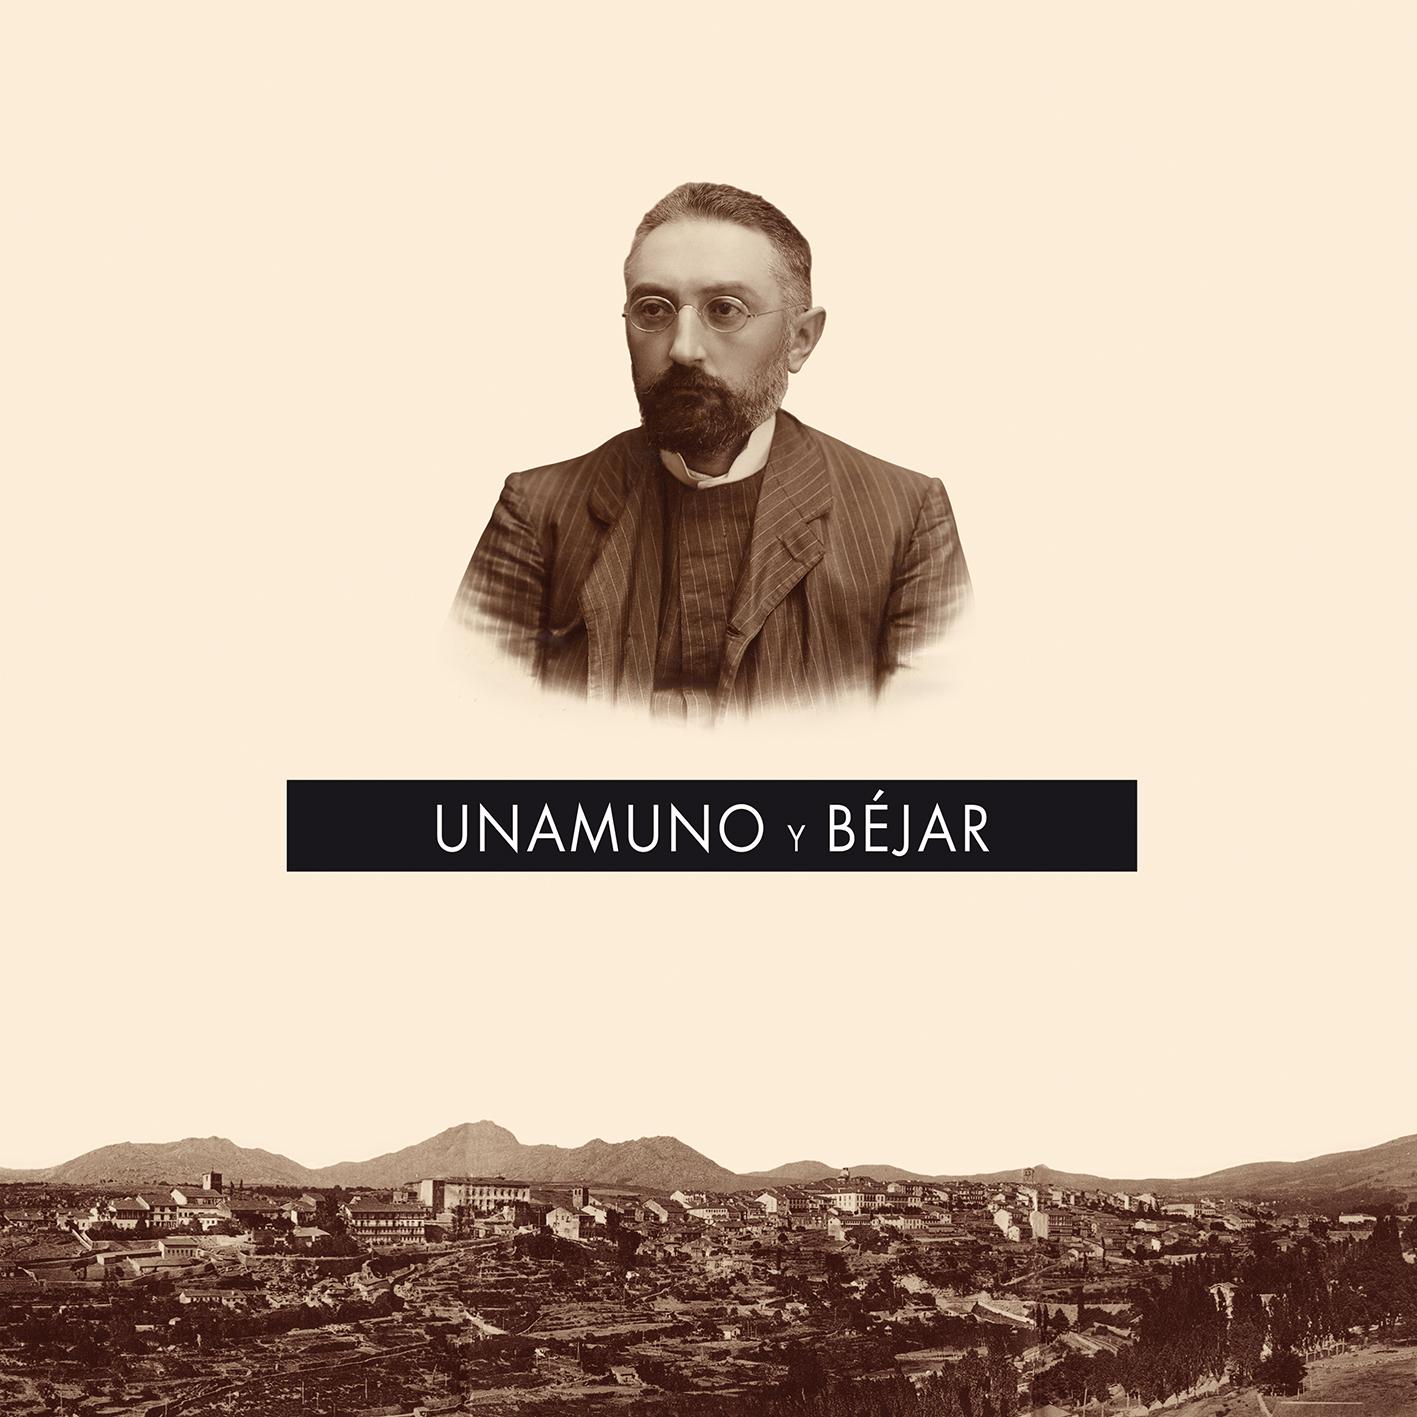 La Universidad de Salamanca y el Ayuntamiento de Béjar reabren al público la exposición 'Unamuno y Béjar' suspendida temporalmente a causa de la crisis de la COVID-19